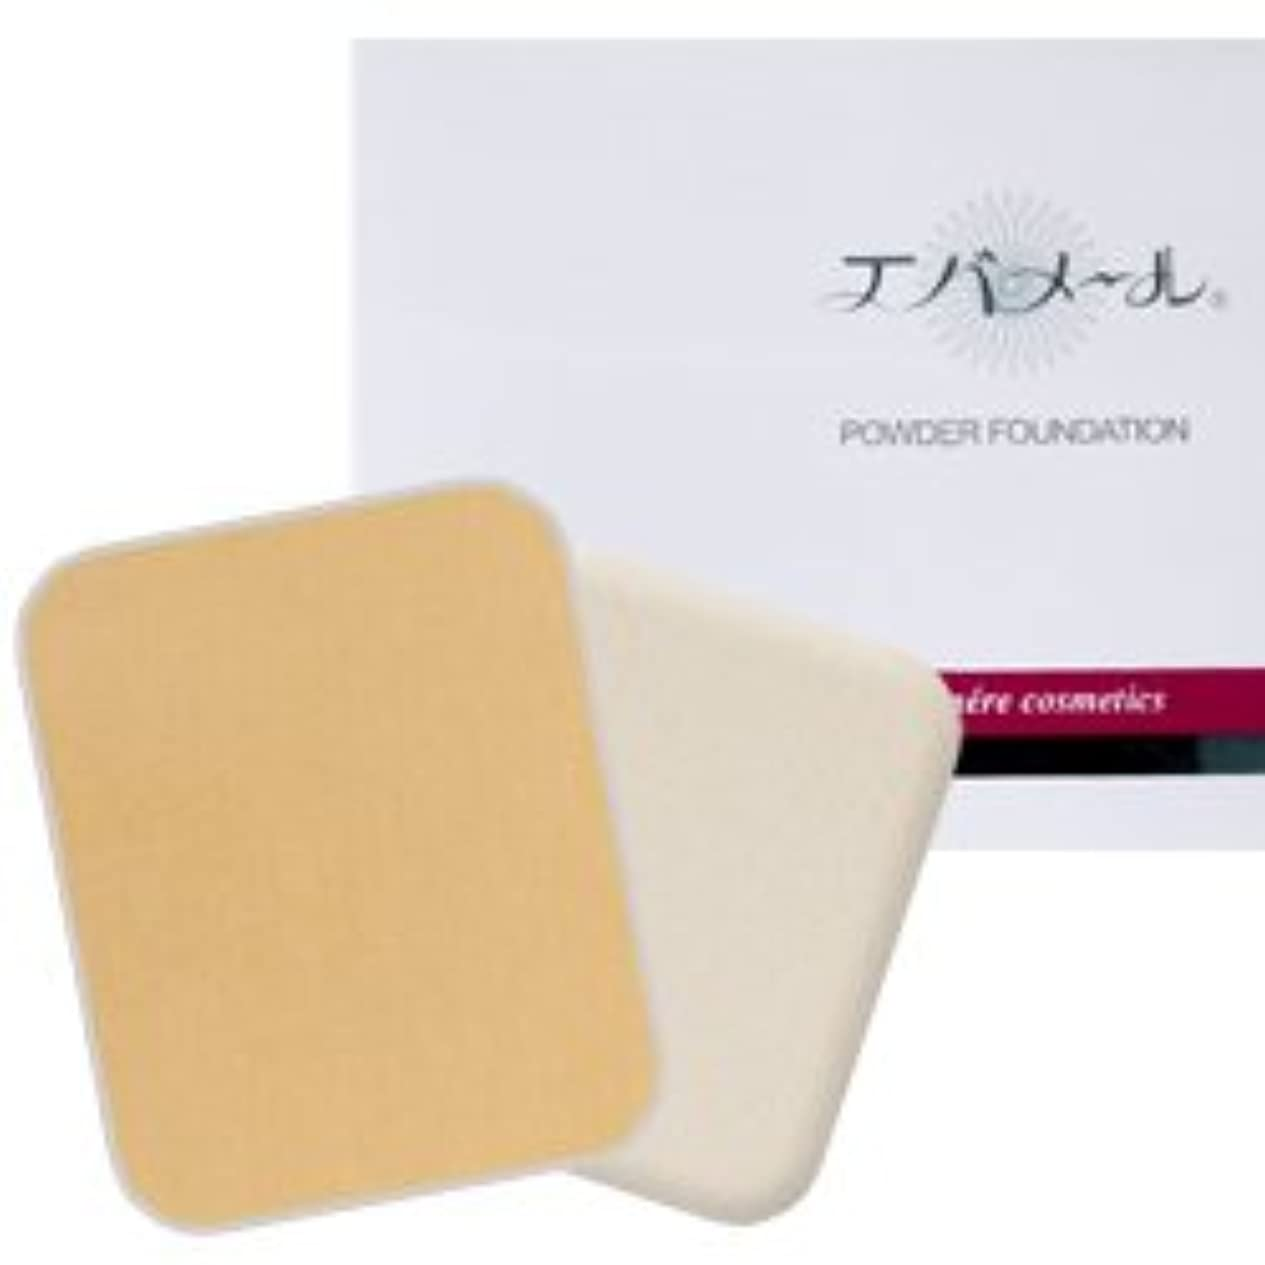 枯れるリンクタオルエバメール パウダー ファンデーション 露肌 SPF20 PA++ 【詰め替え用】 ナチュラル (在庫)